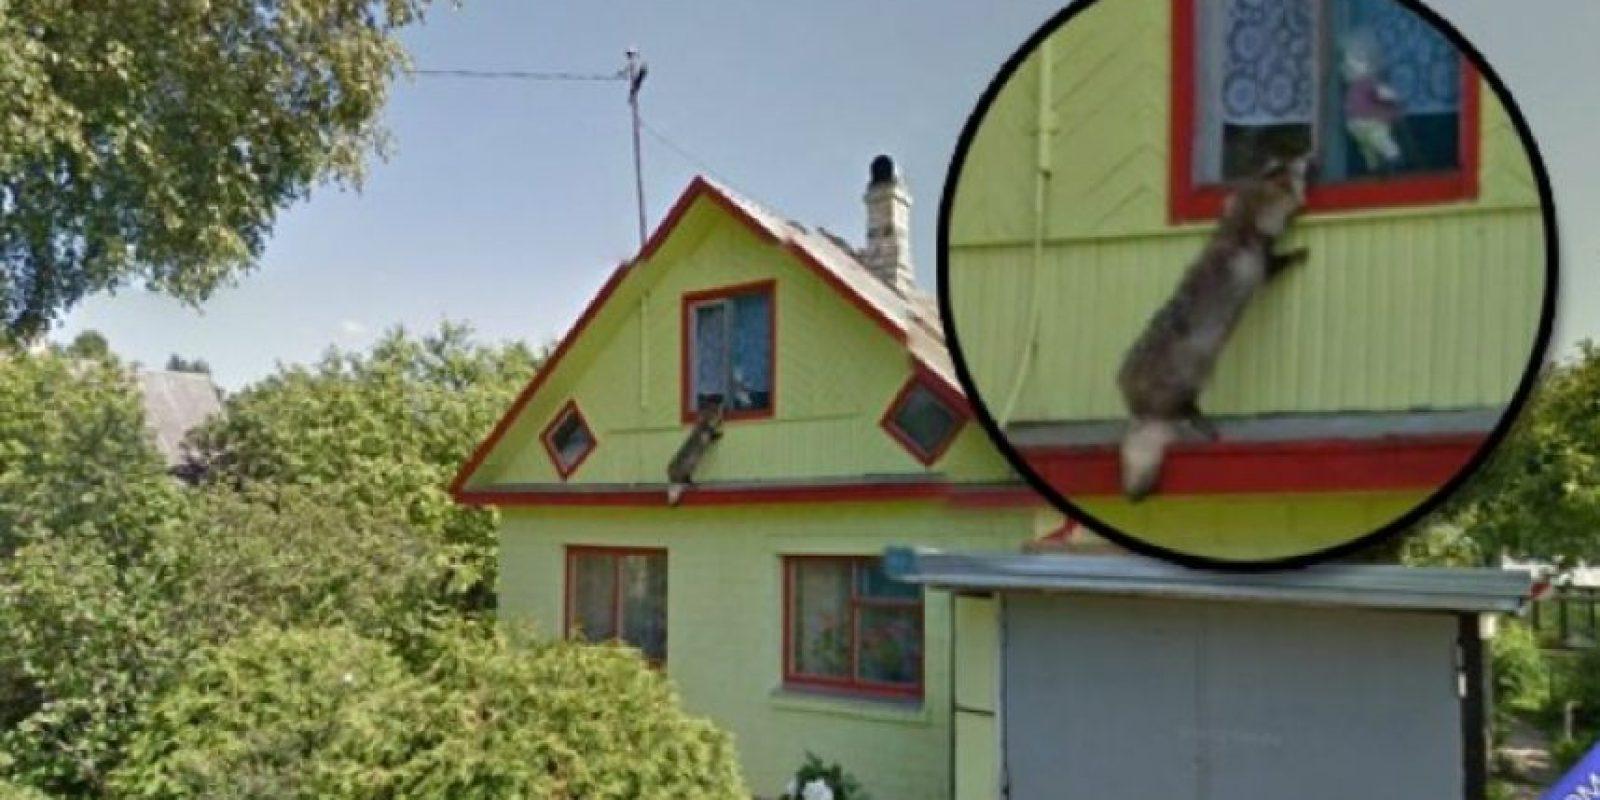 Ladrones en situaciones peculiares Foto:Tumblr